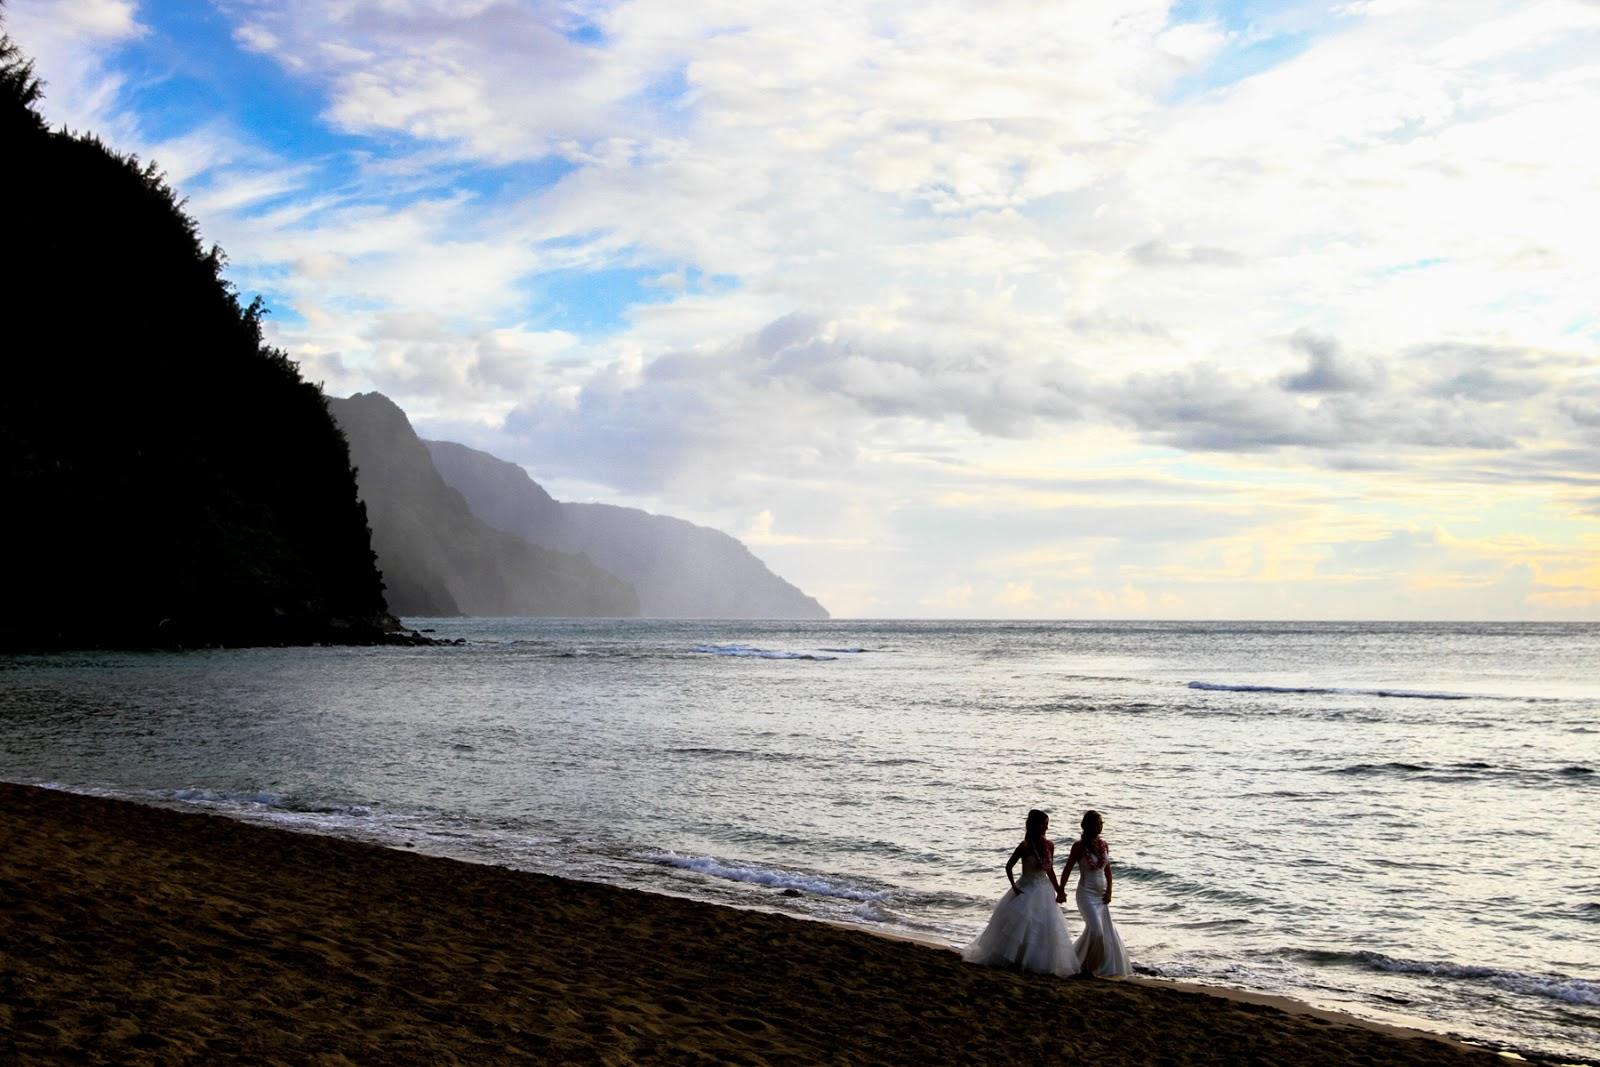 kauai photographer the blog may 2016 rh keithketchumphotography com